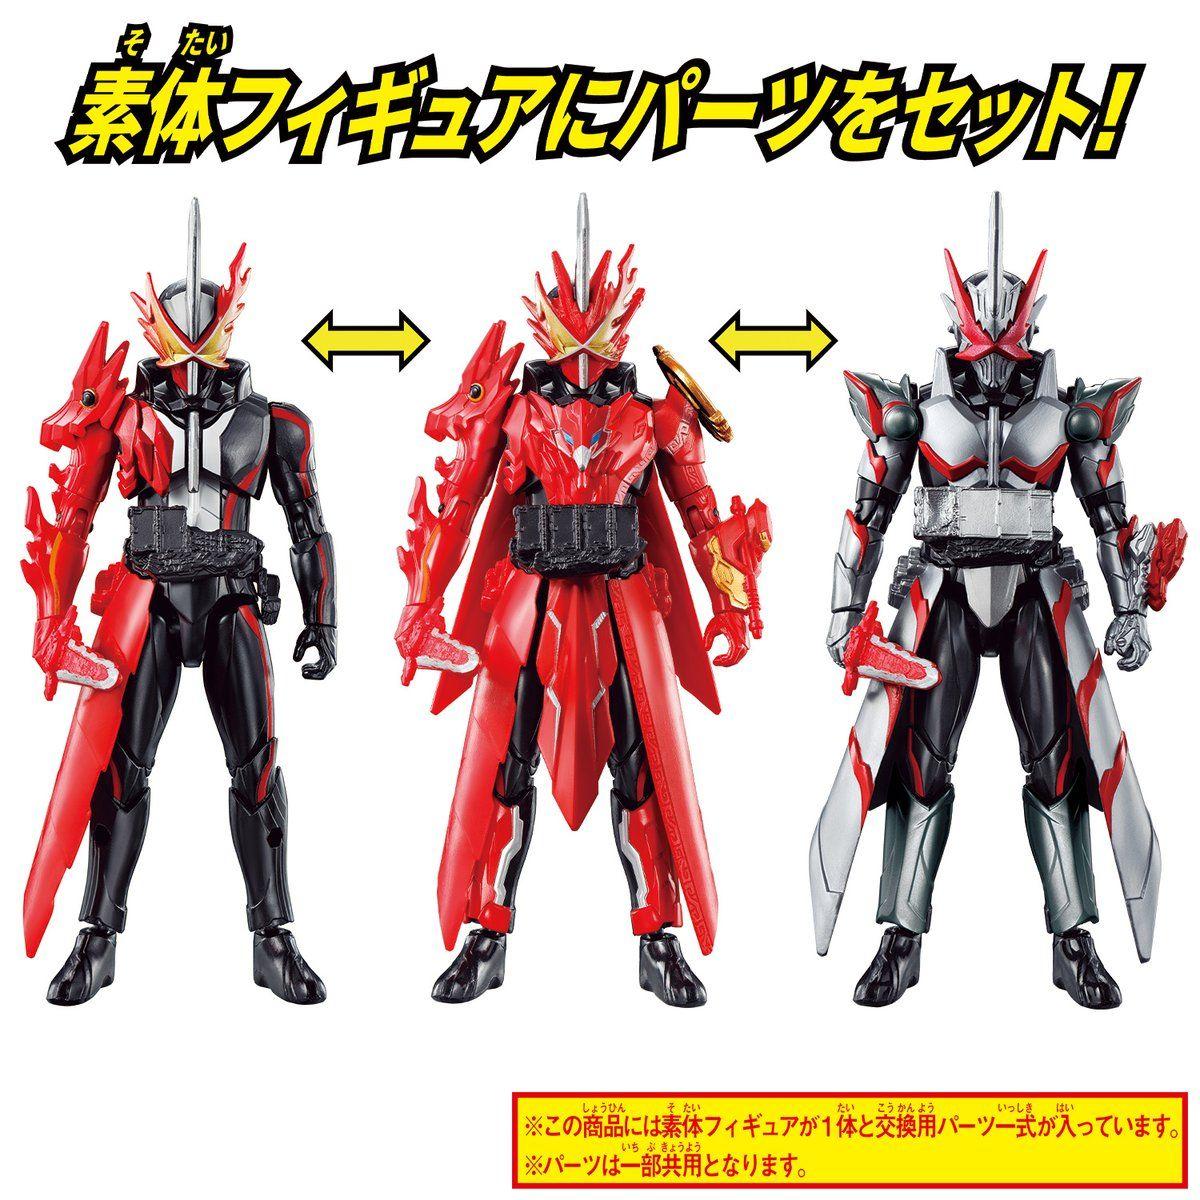 RKF『ドラゴニックナイト&ワンダーコンボセット』仮面ライダーセイバー 可動フィギュア-009